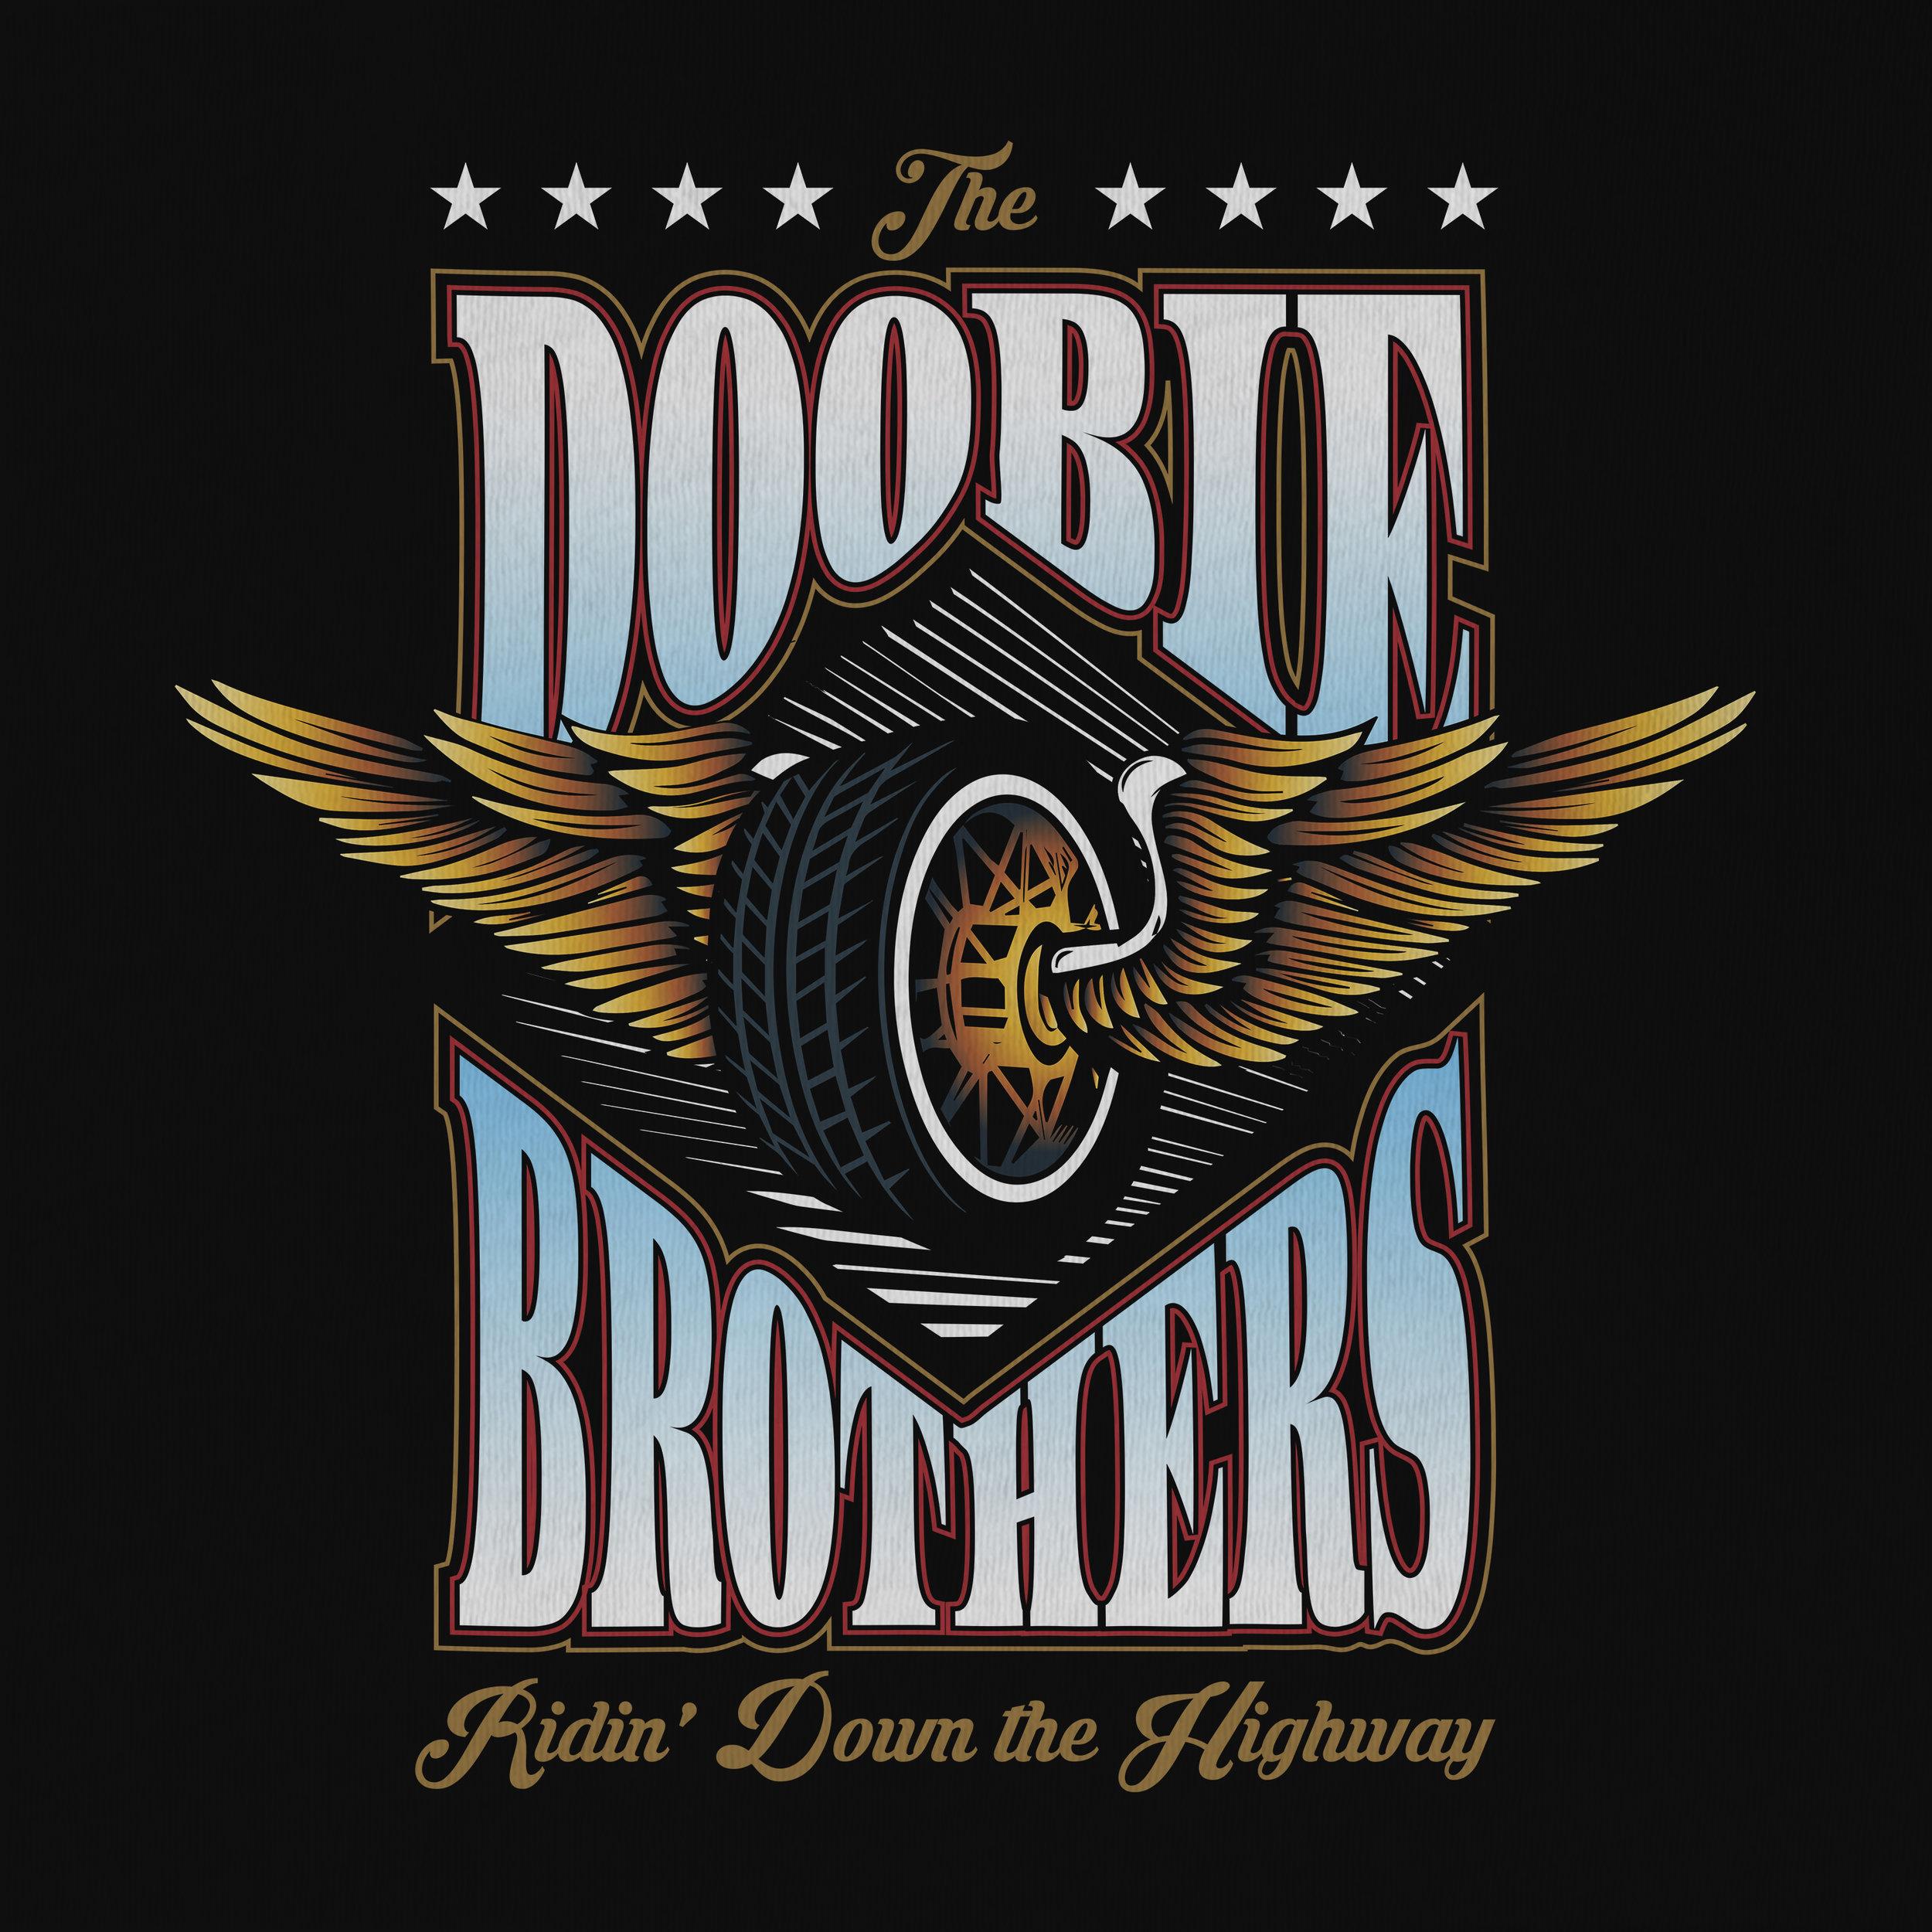 doobie-brothers-wheel-wings.jpg